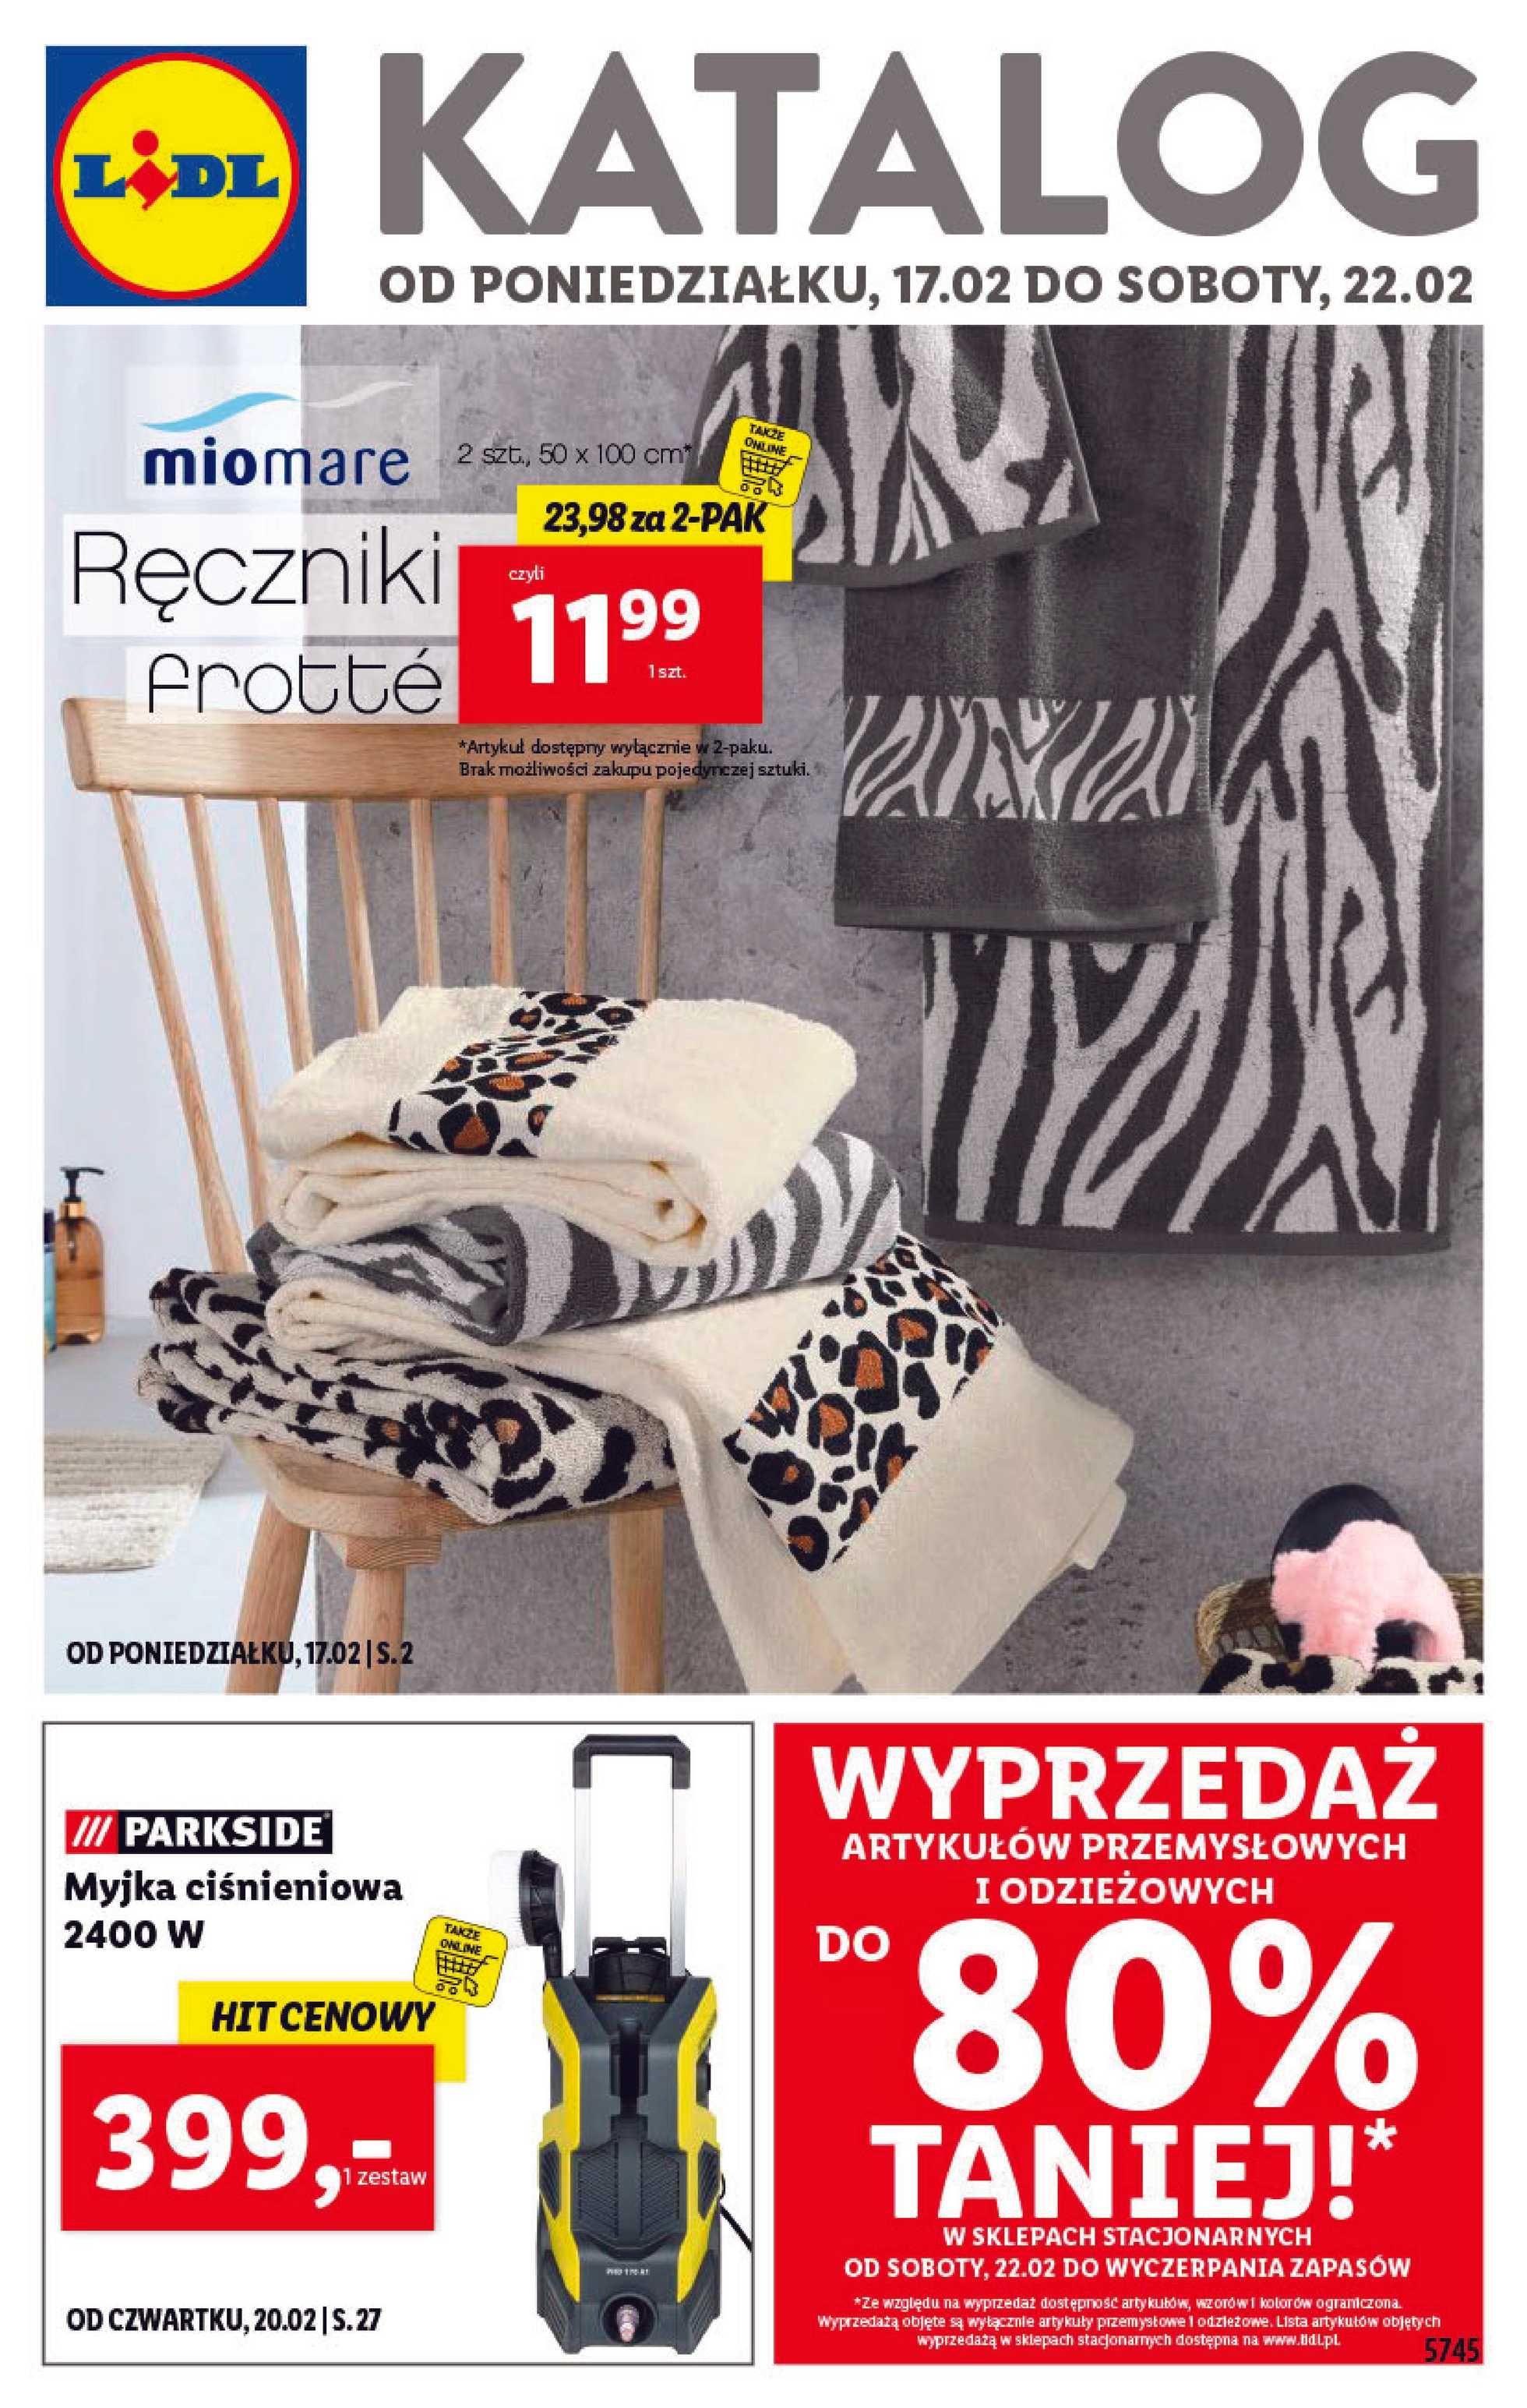 Lidl - gazetka promocyjna ważna od 17.02.2020 do 22.02.2020 - strona 1.